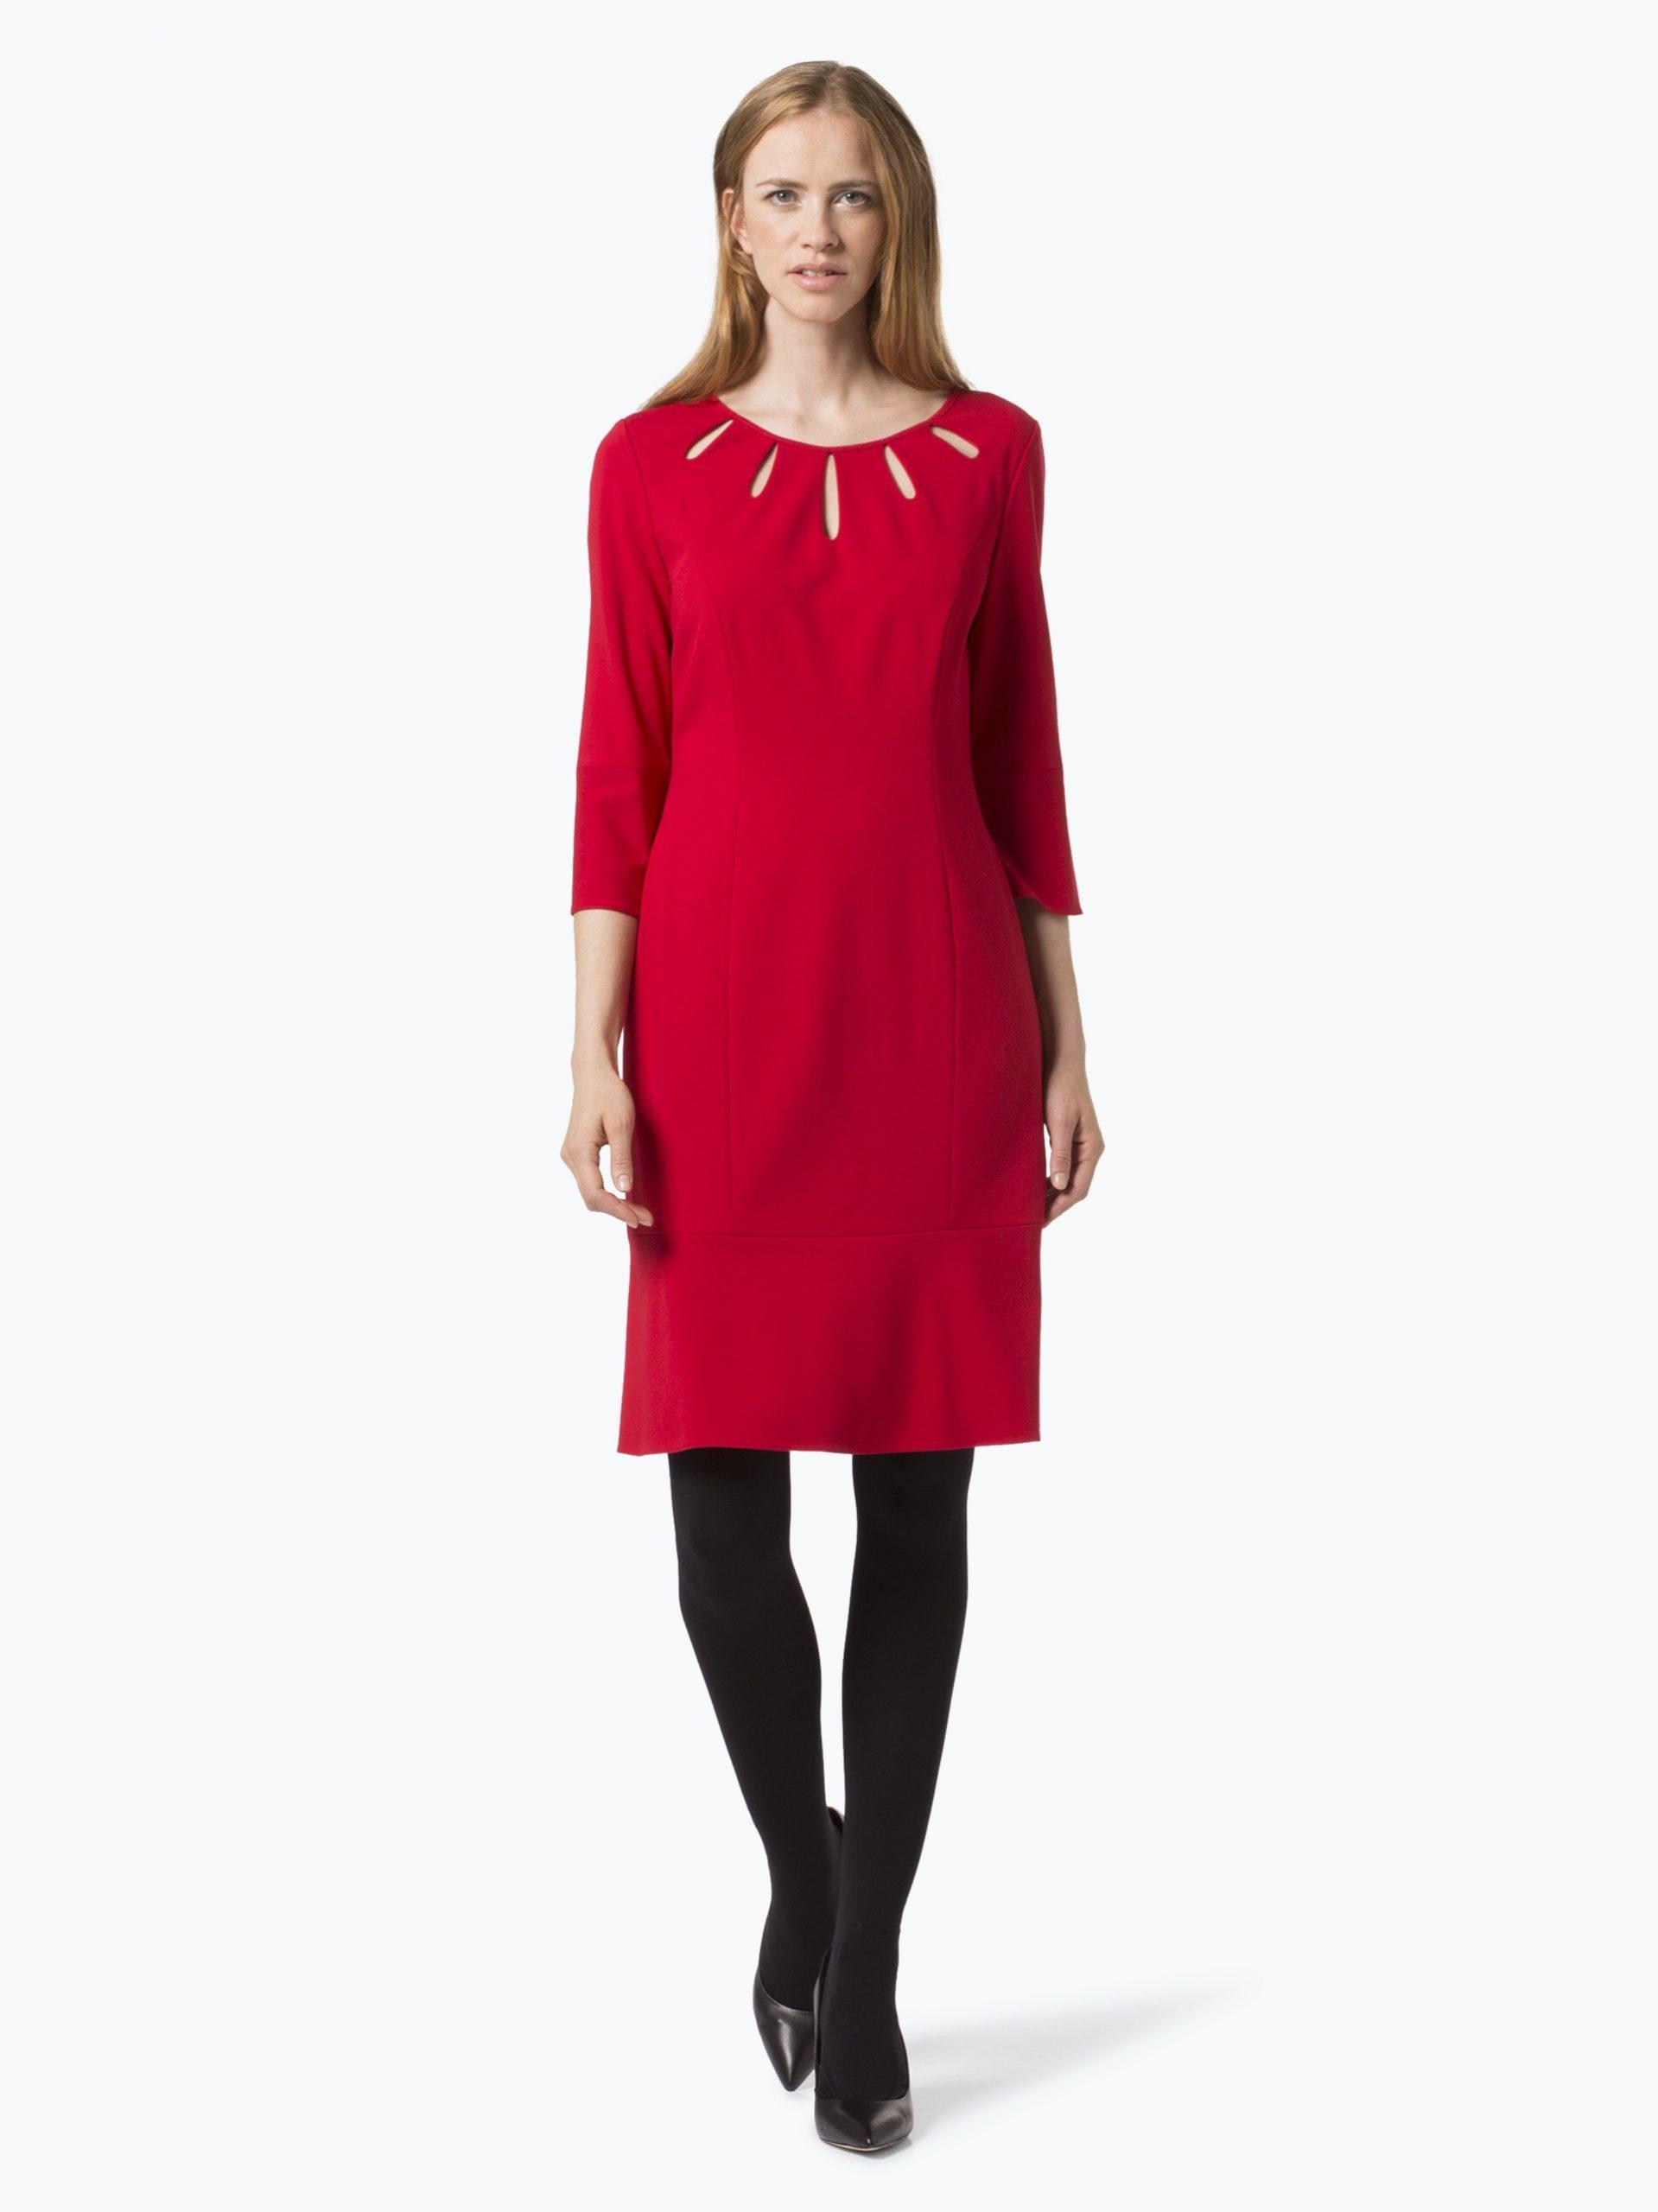 Gerry Weber Damen Kleid Online Kaufen  Vangraaf